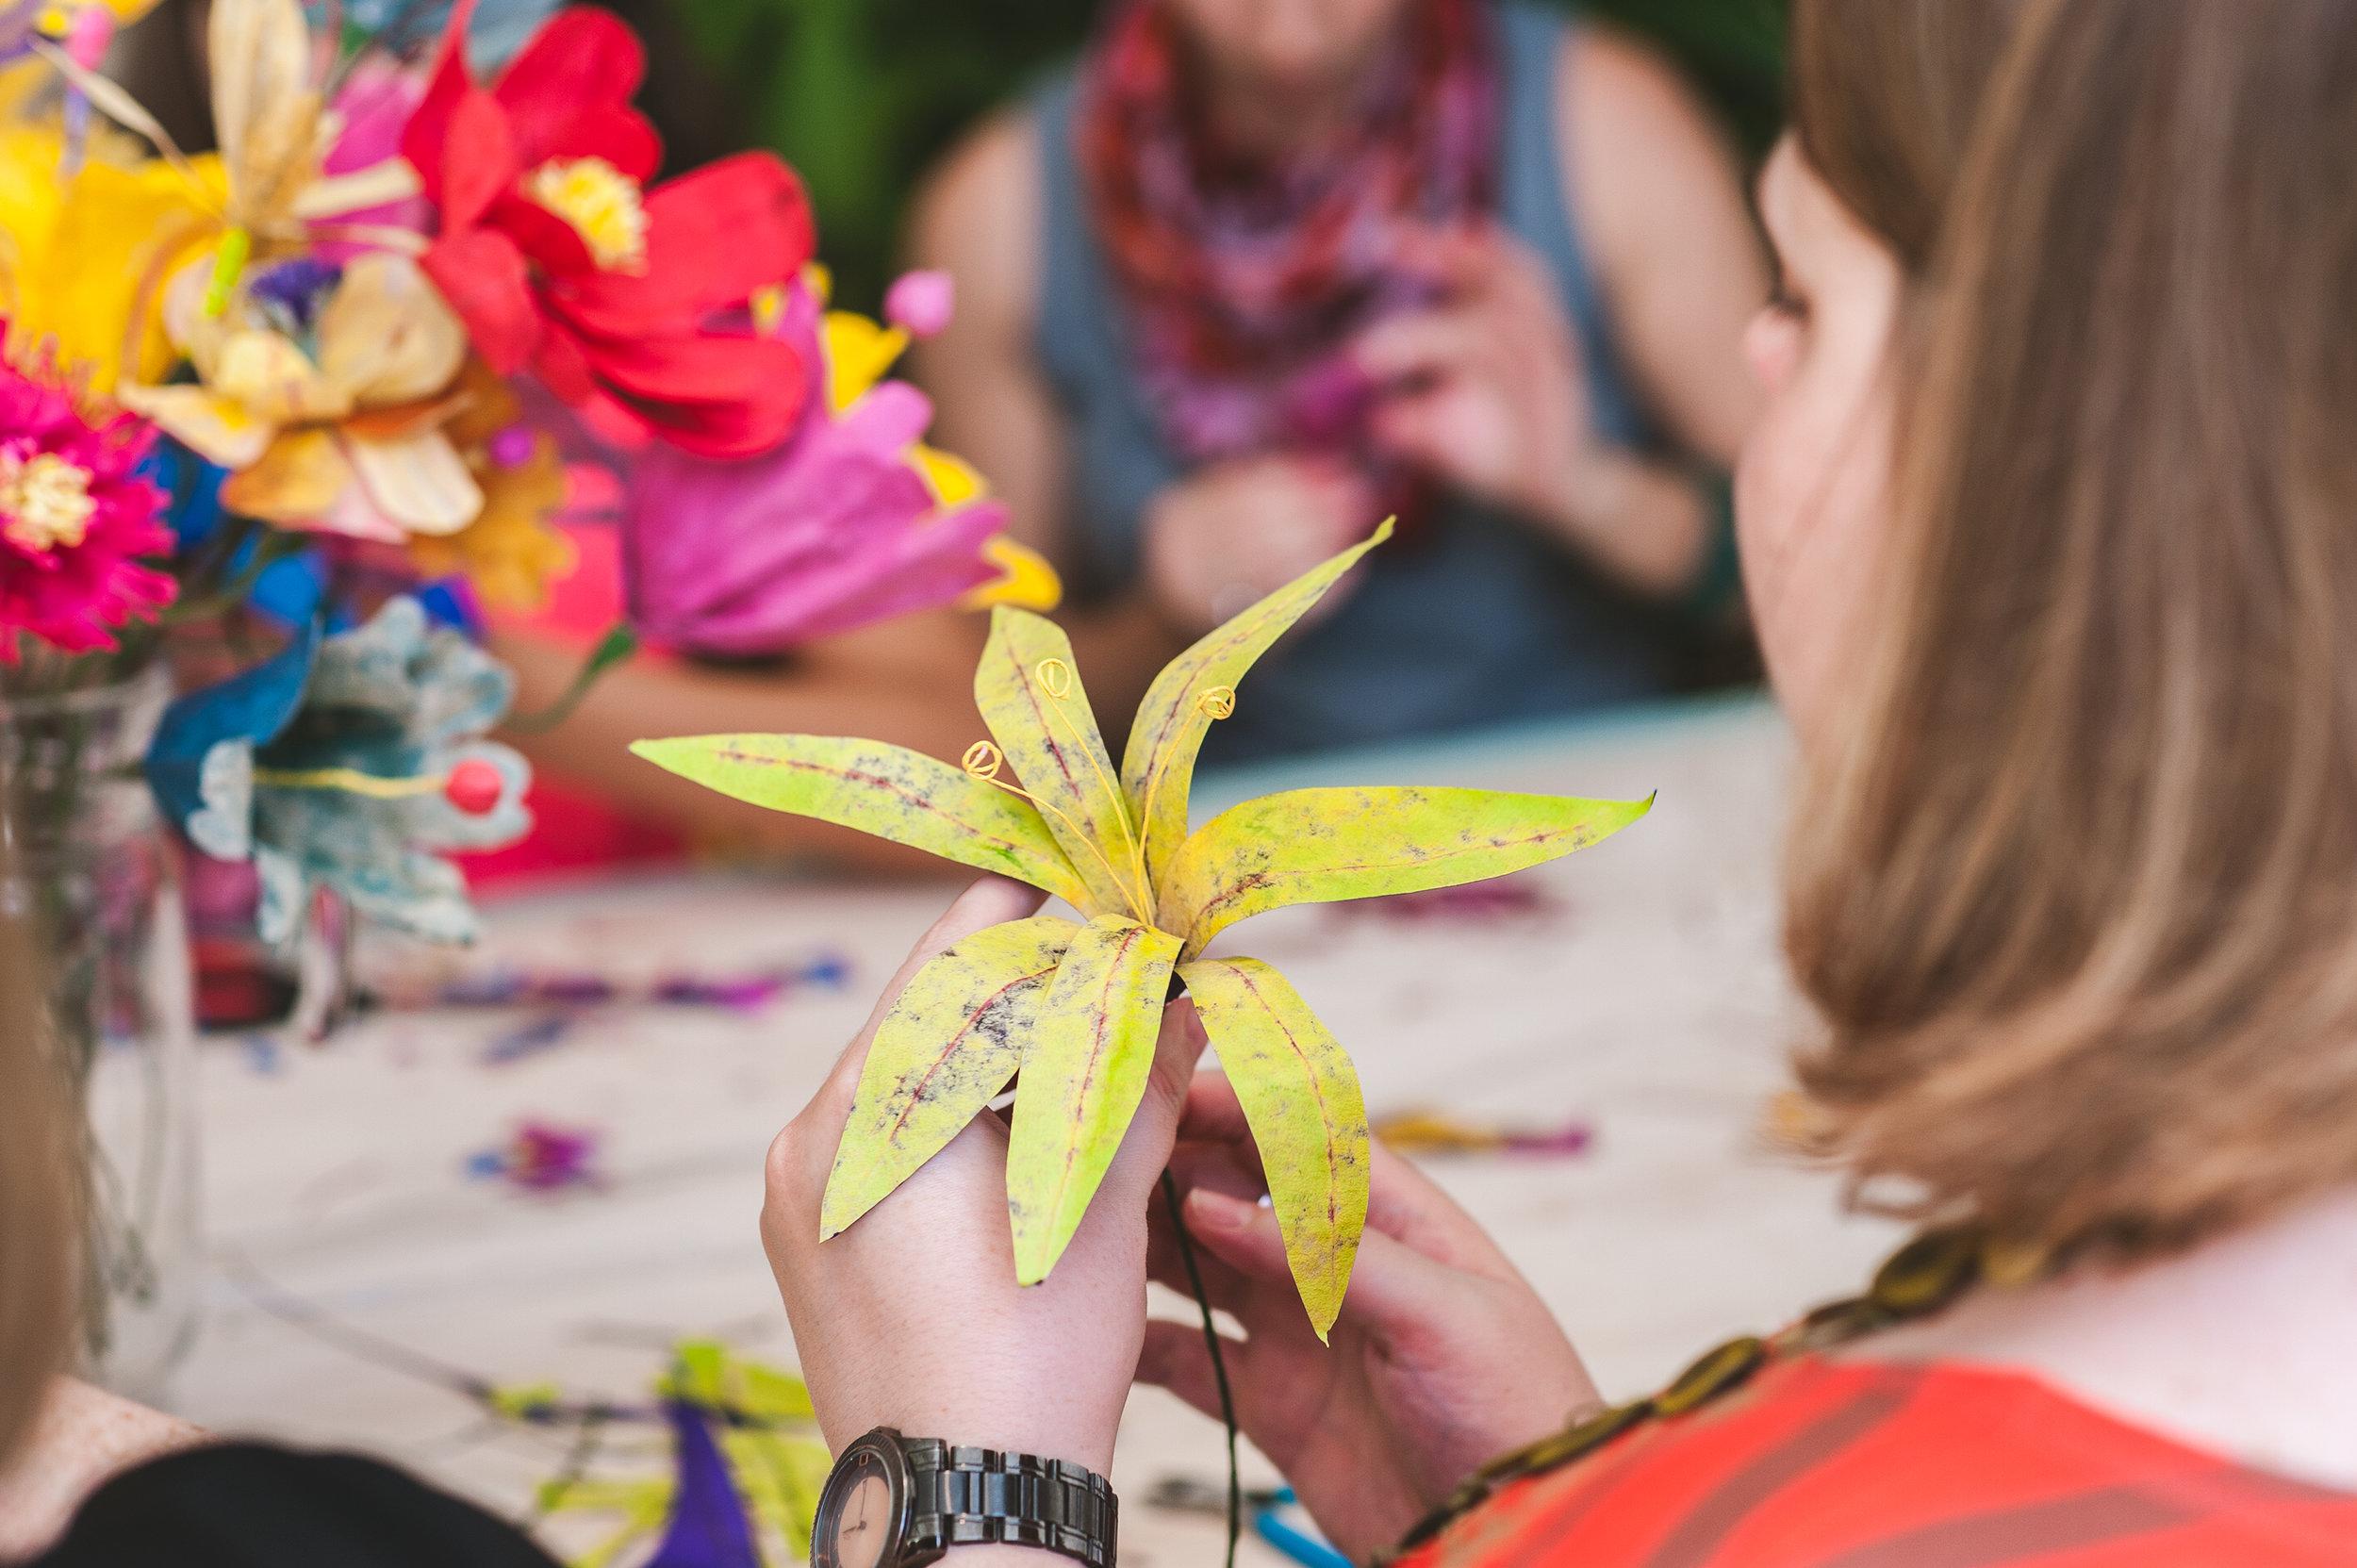 encantamento onírico - A artista plástica Juliana Bolini ofereceu uma oficina de flores de pasta carta - uma técnica que ela mesma desenvolveu, a partir do reuso de coadores de cafe de papel. Beleza sustentável - a gente ama e admira <3